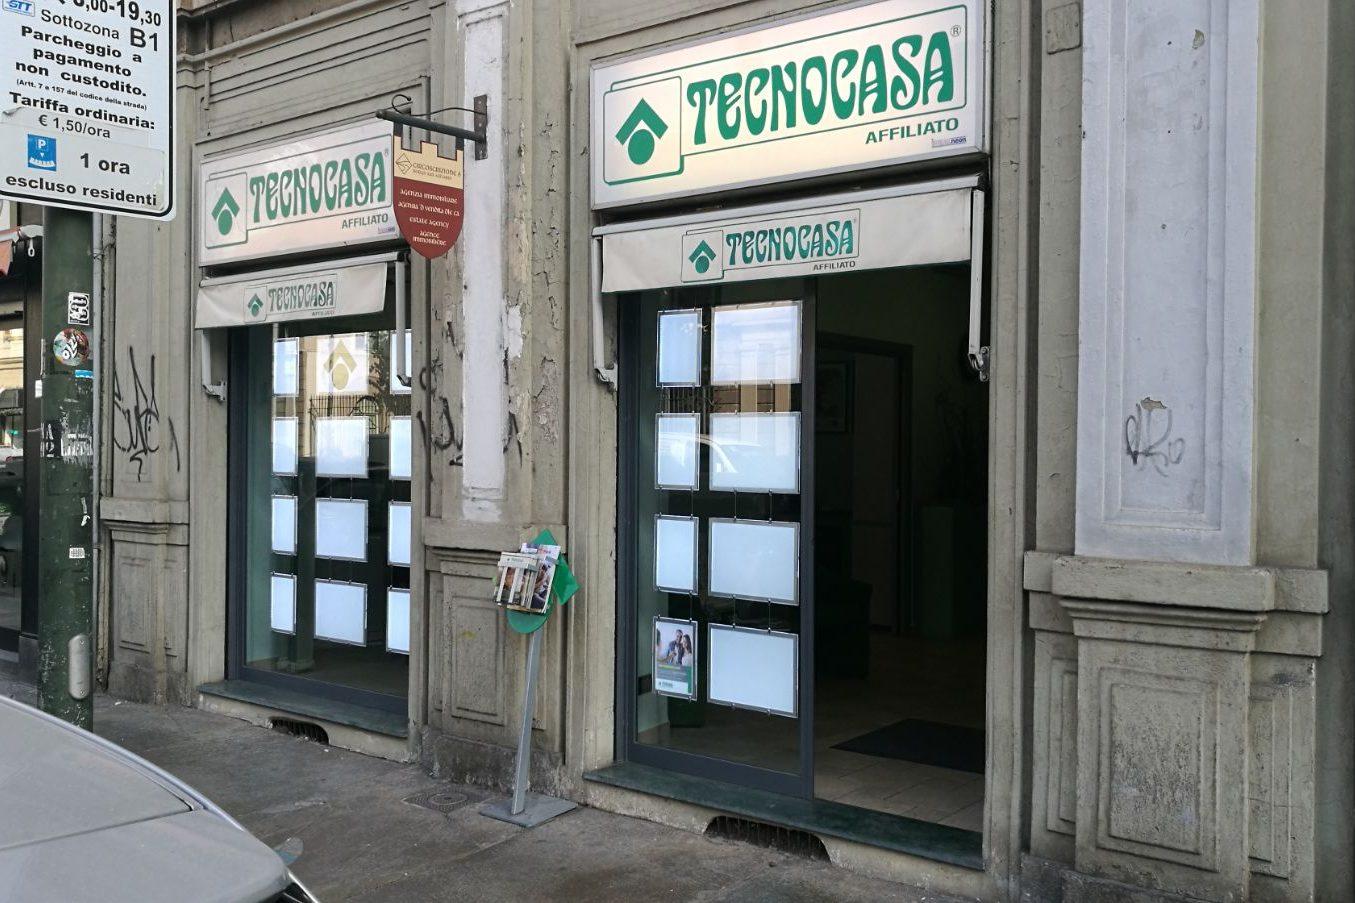 Agenzia immobiliare Tecnocasa (Torino)